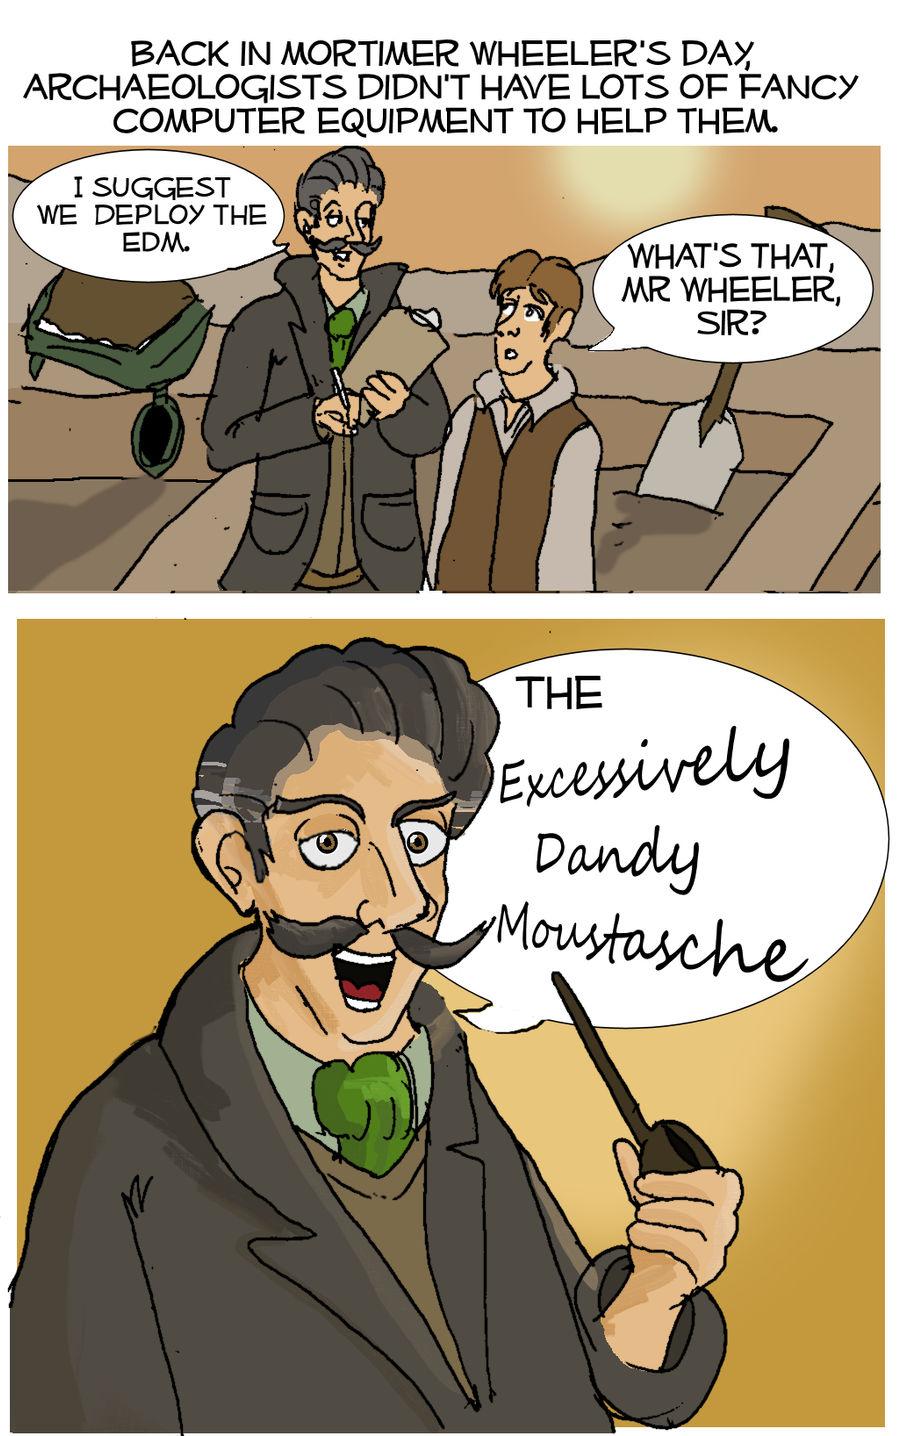 Mortimer Wheeler's Moustasche